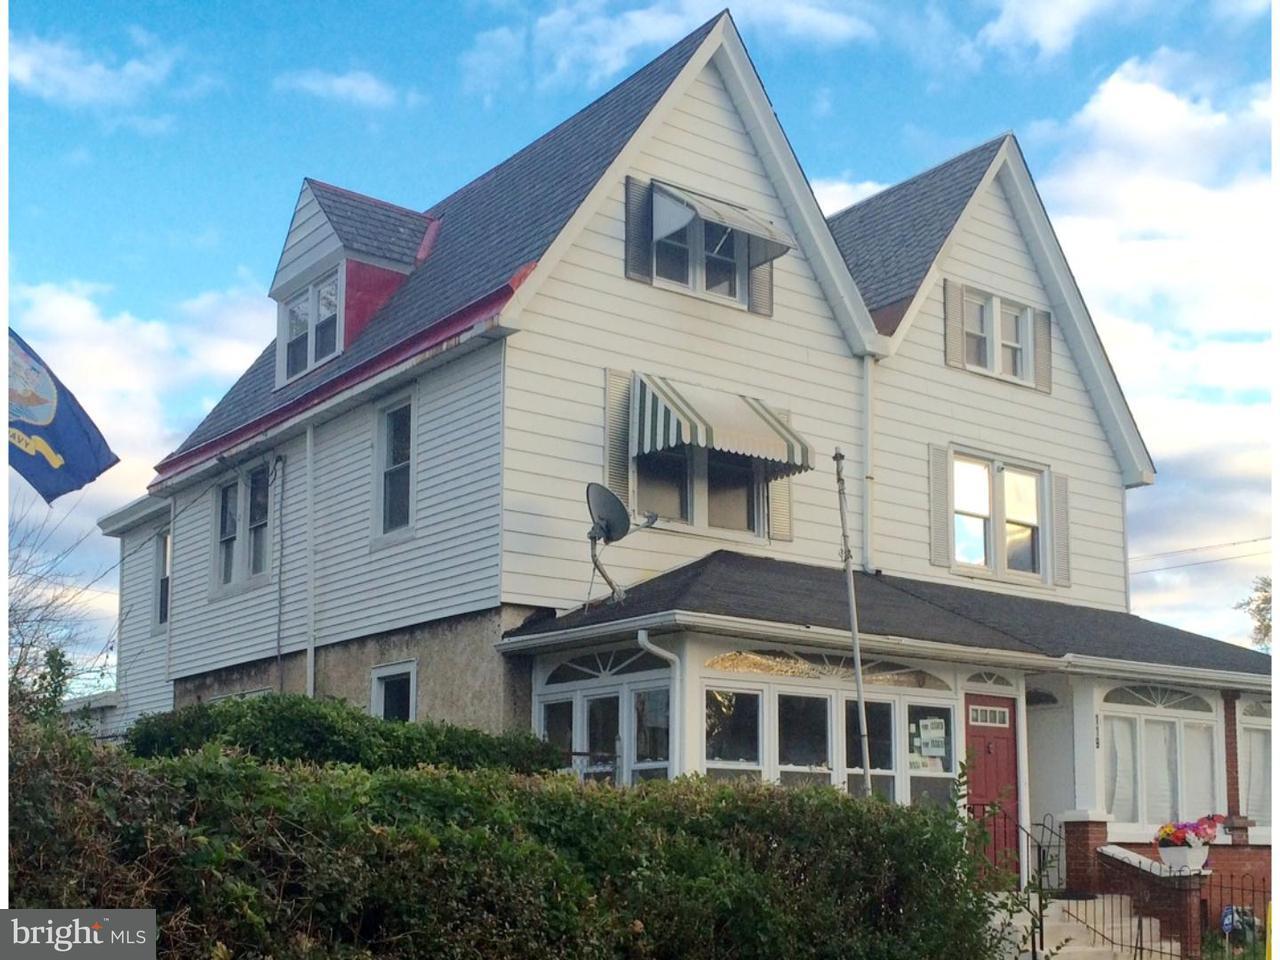 Casa unifamiliar adosada (Townhouse) por un Alquiler en 117 S 4TH Street Darby, Pennsylvania 19023 Estados Unidos